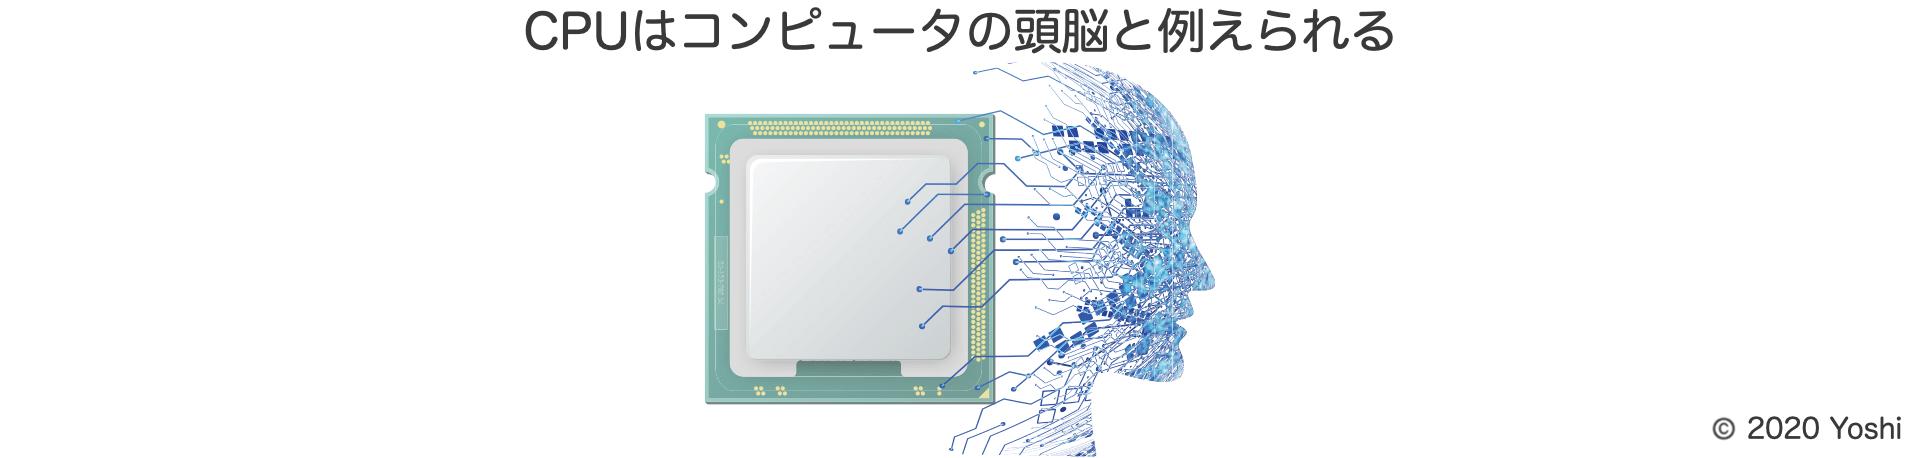 CPUはコンピュータの頭脳と例えられる